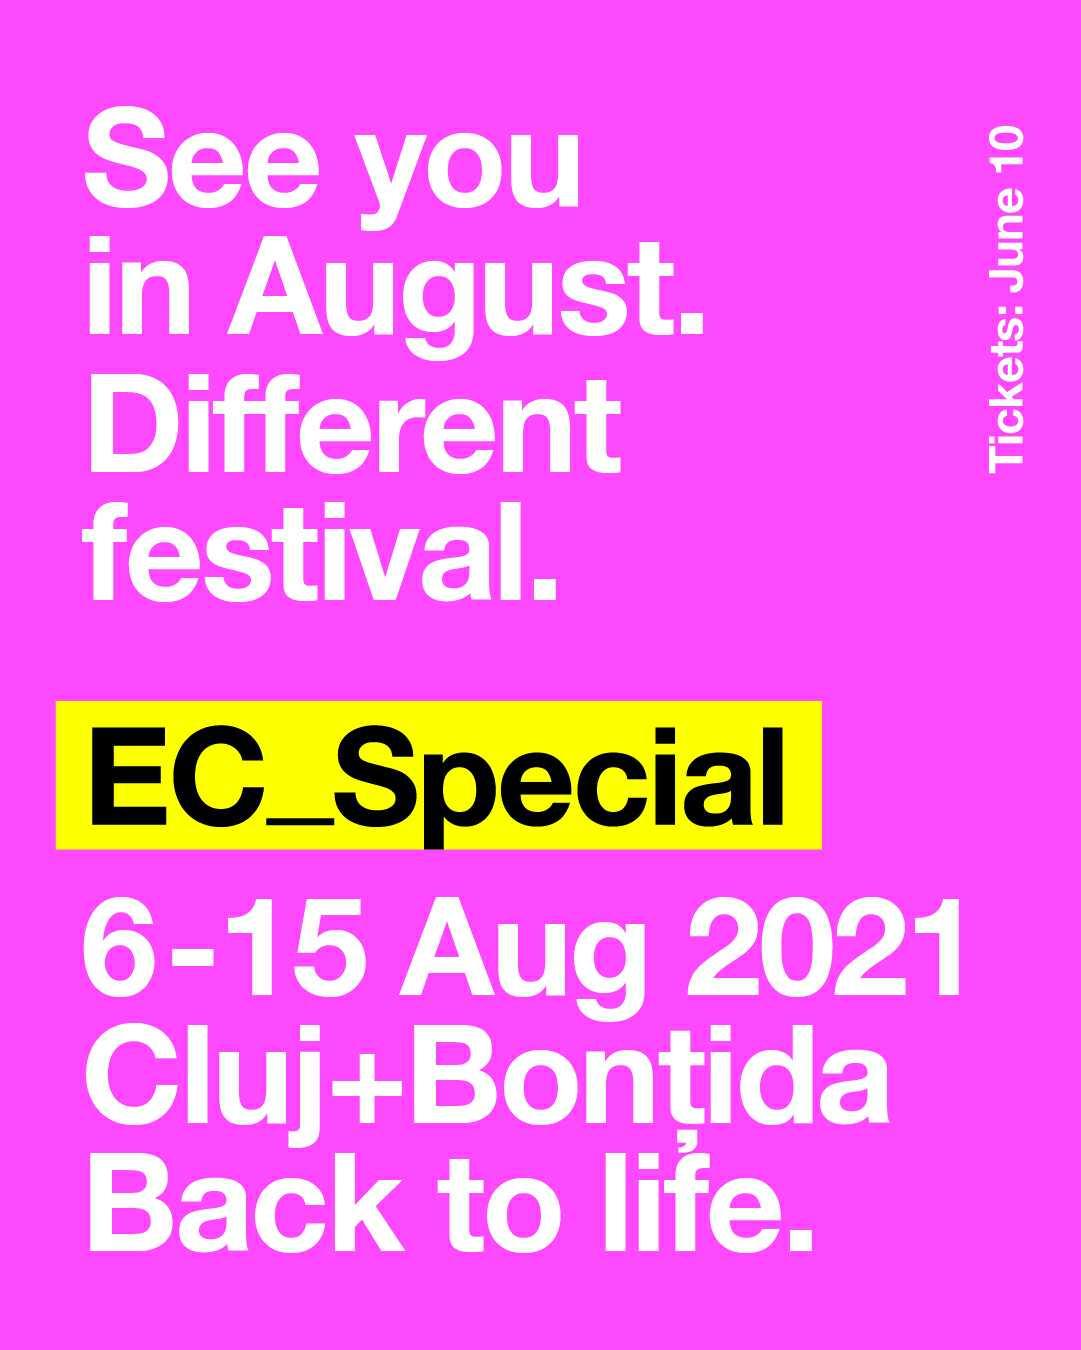 EC_Special redeschide scena pentru marile evenimente muzicale ale verii 2021